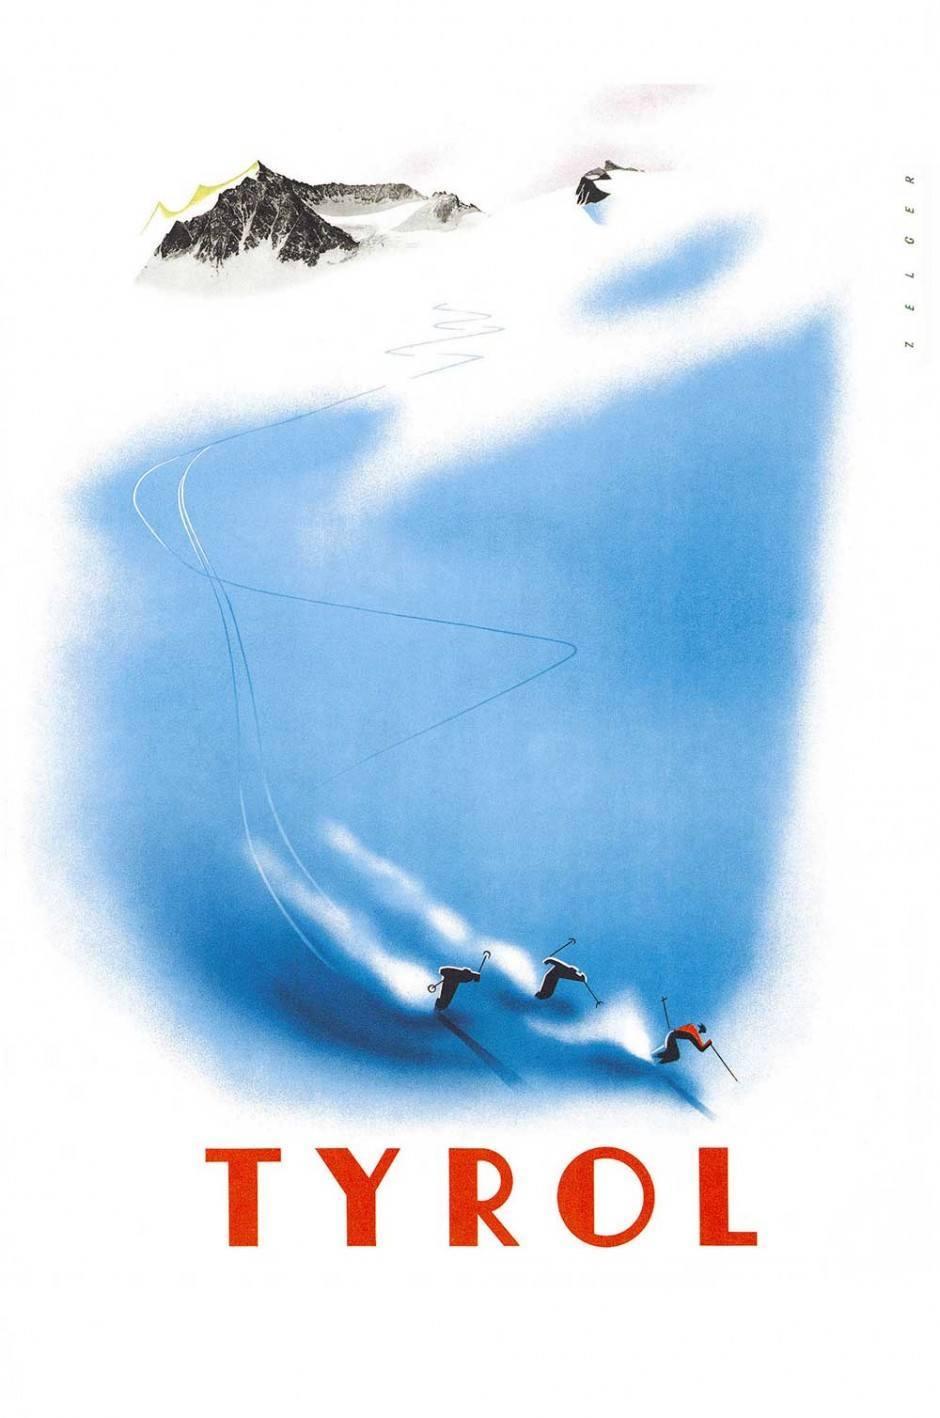 1948/49, Plakat, 63 × 95 cm, Tirol Werbung